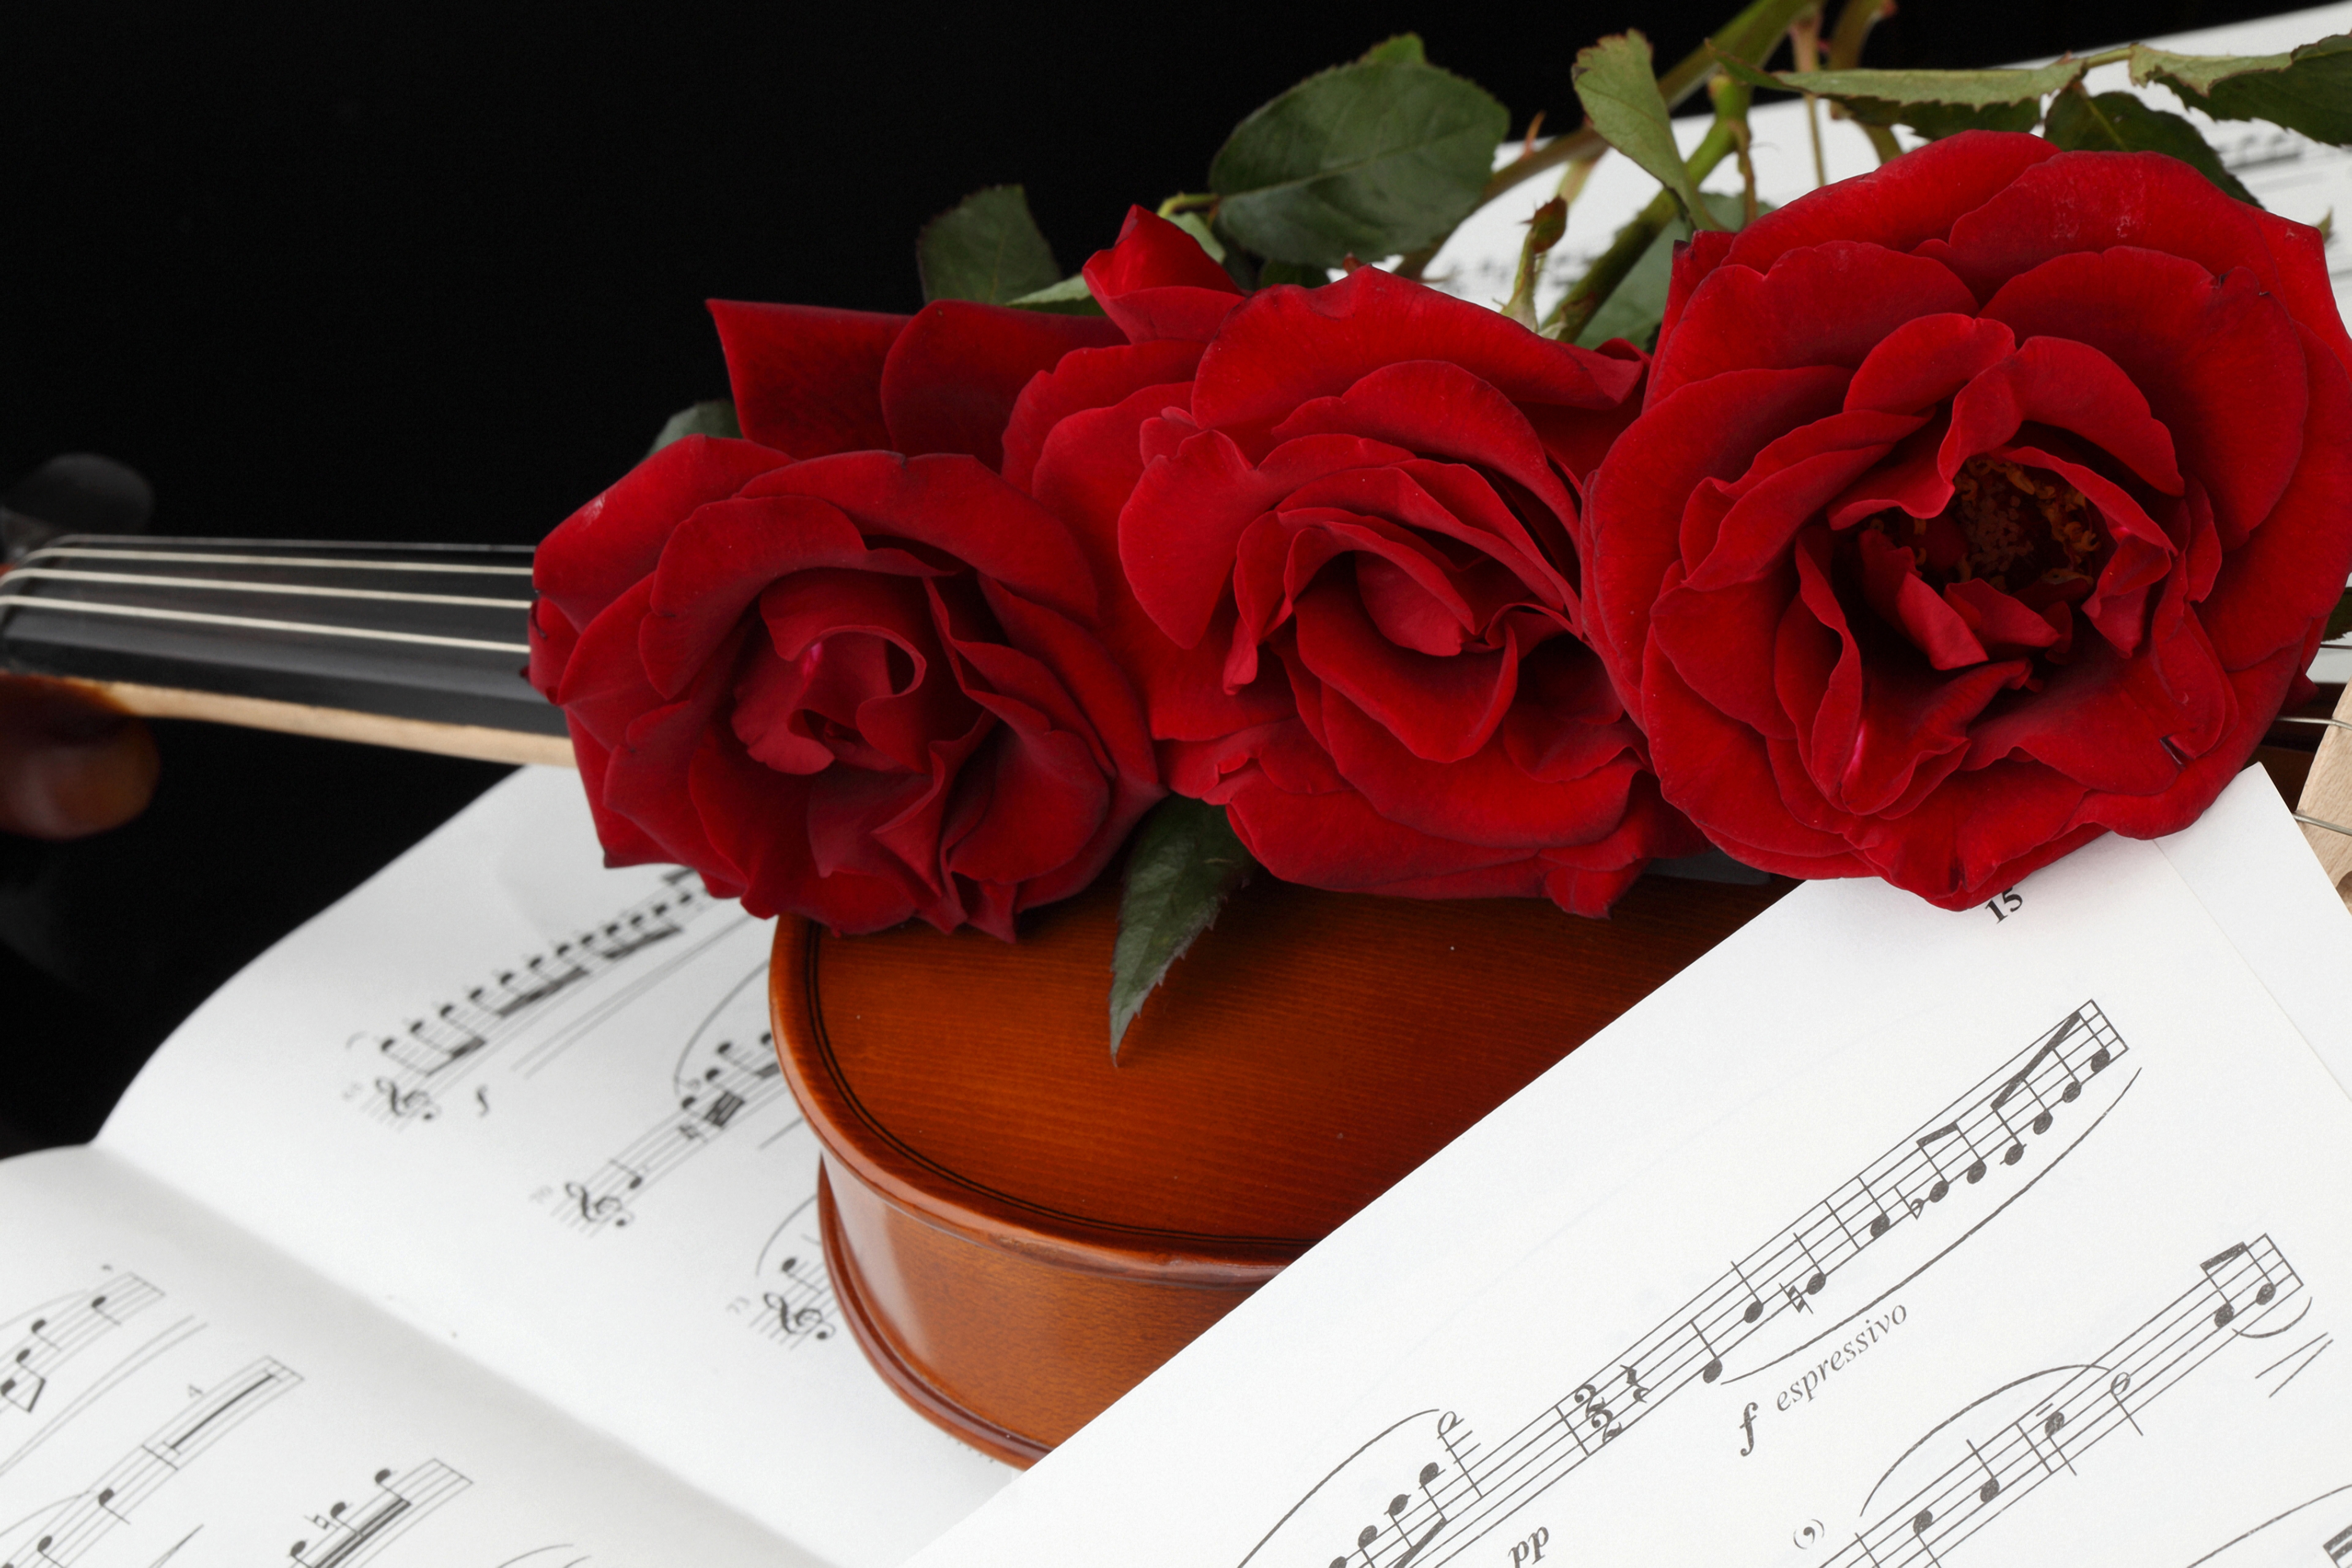 Фотографии Ноты Розы бордовые цветок Трое 3 роза Бордовый бордовая темно красный Цветы три втроем